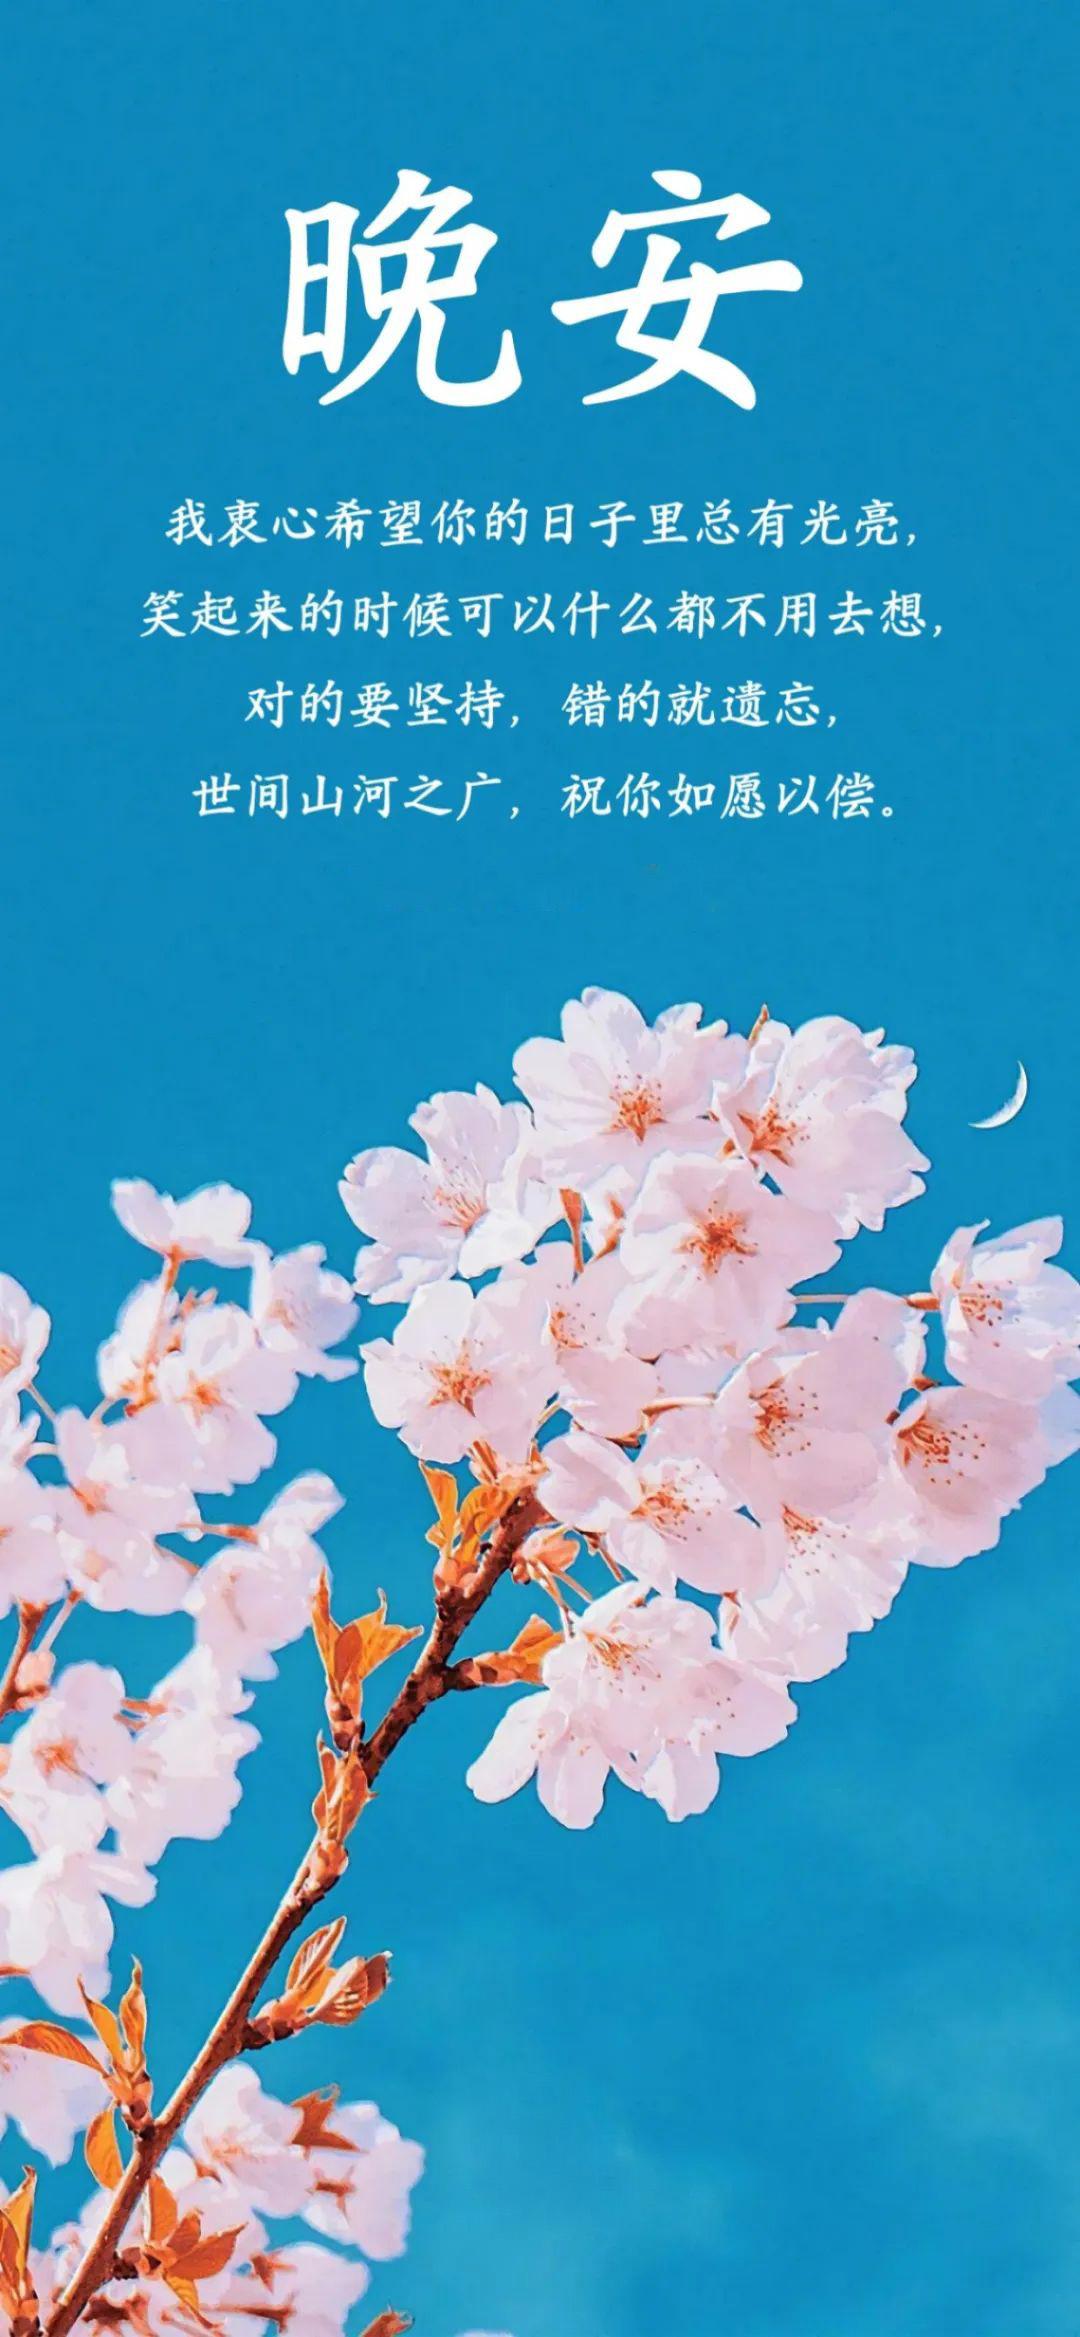 6月朋友圈晚安心情说说,活着已经够累了,不要再假惺惺地交心